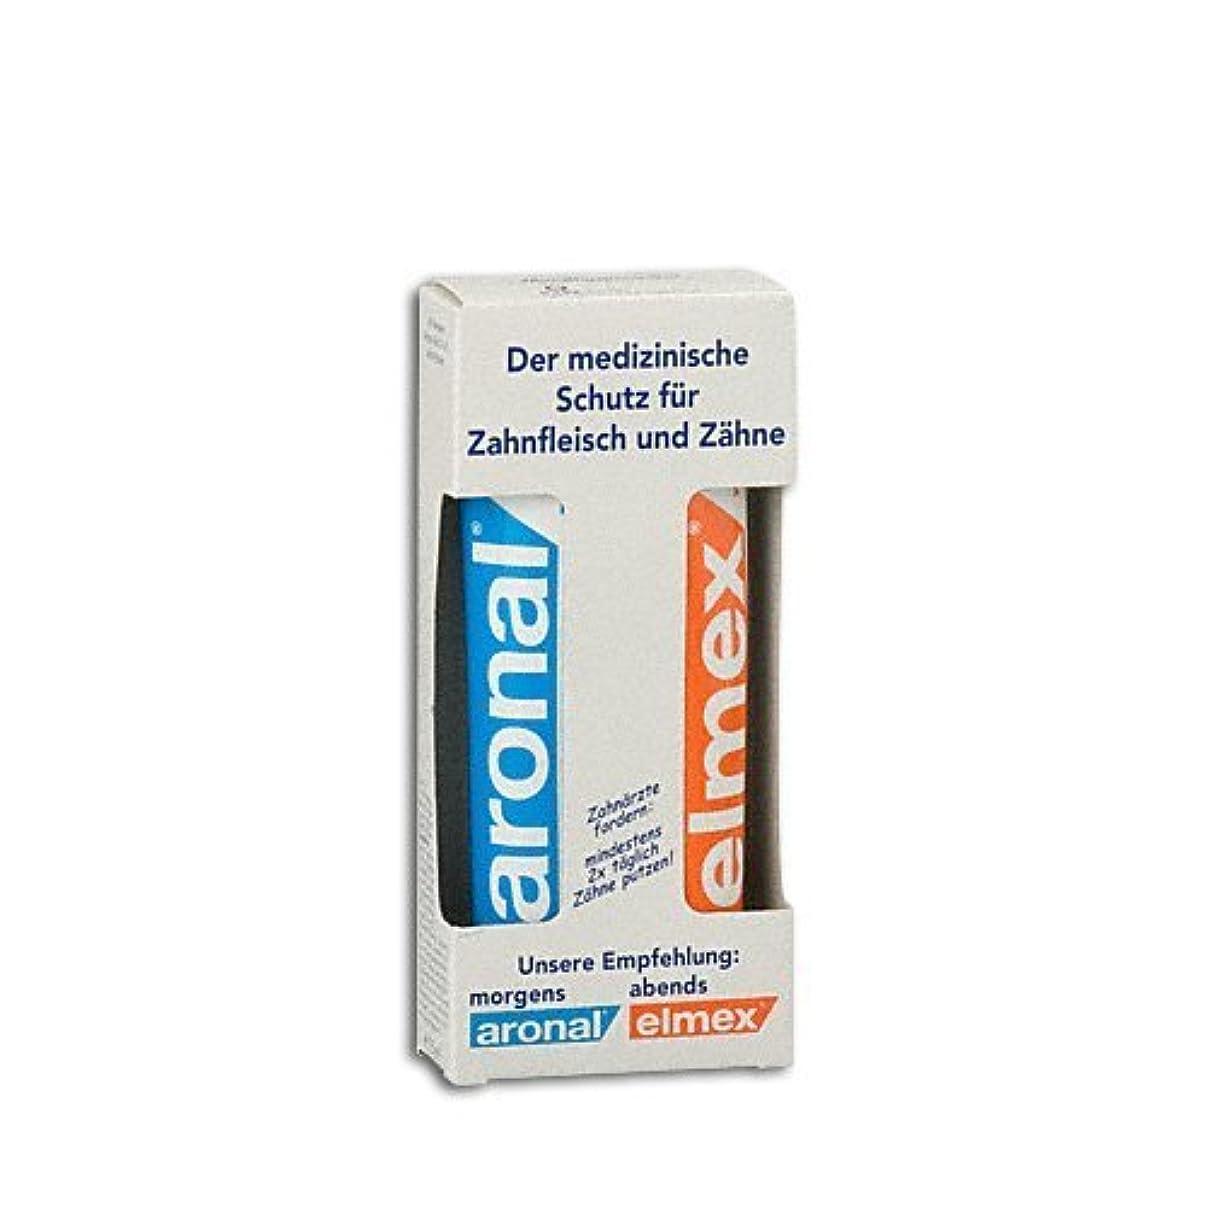 ペレグリネーションサーバサンプルアロナール&エルメックス 歯磨き粉セット(朝/夜) 75ml (aronal & elmex toothpaste set 75ml) 【並行輸入品】